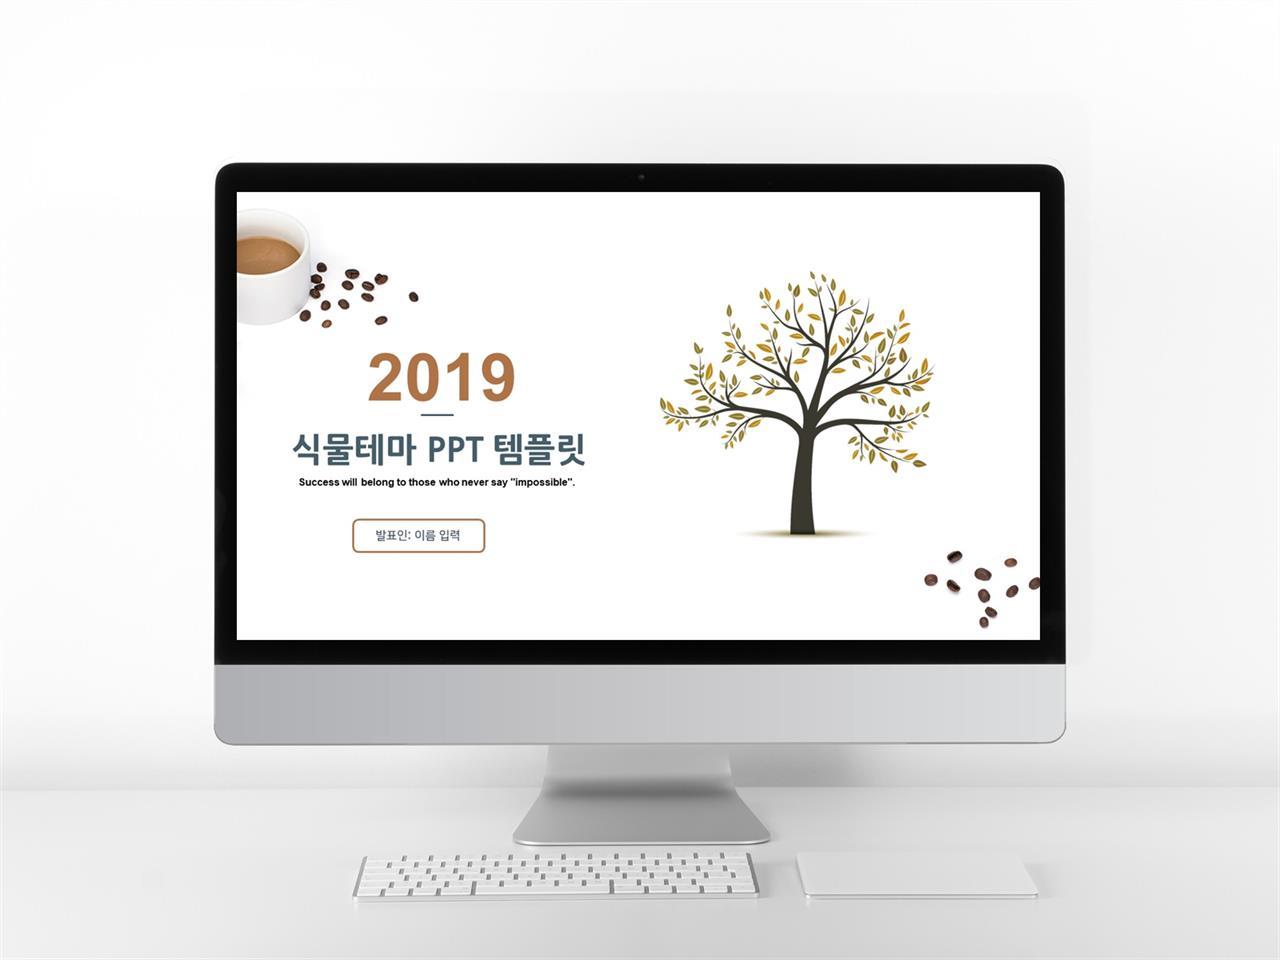 화초주제 갈색 캐릭터 고퀄리티 PPT테마 제작 미리보기